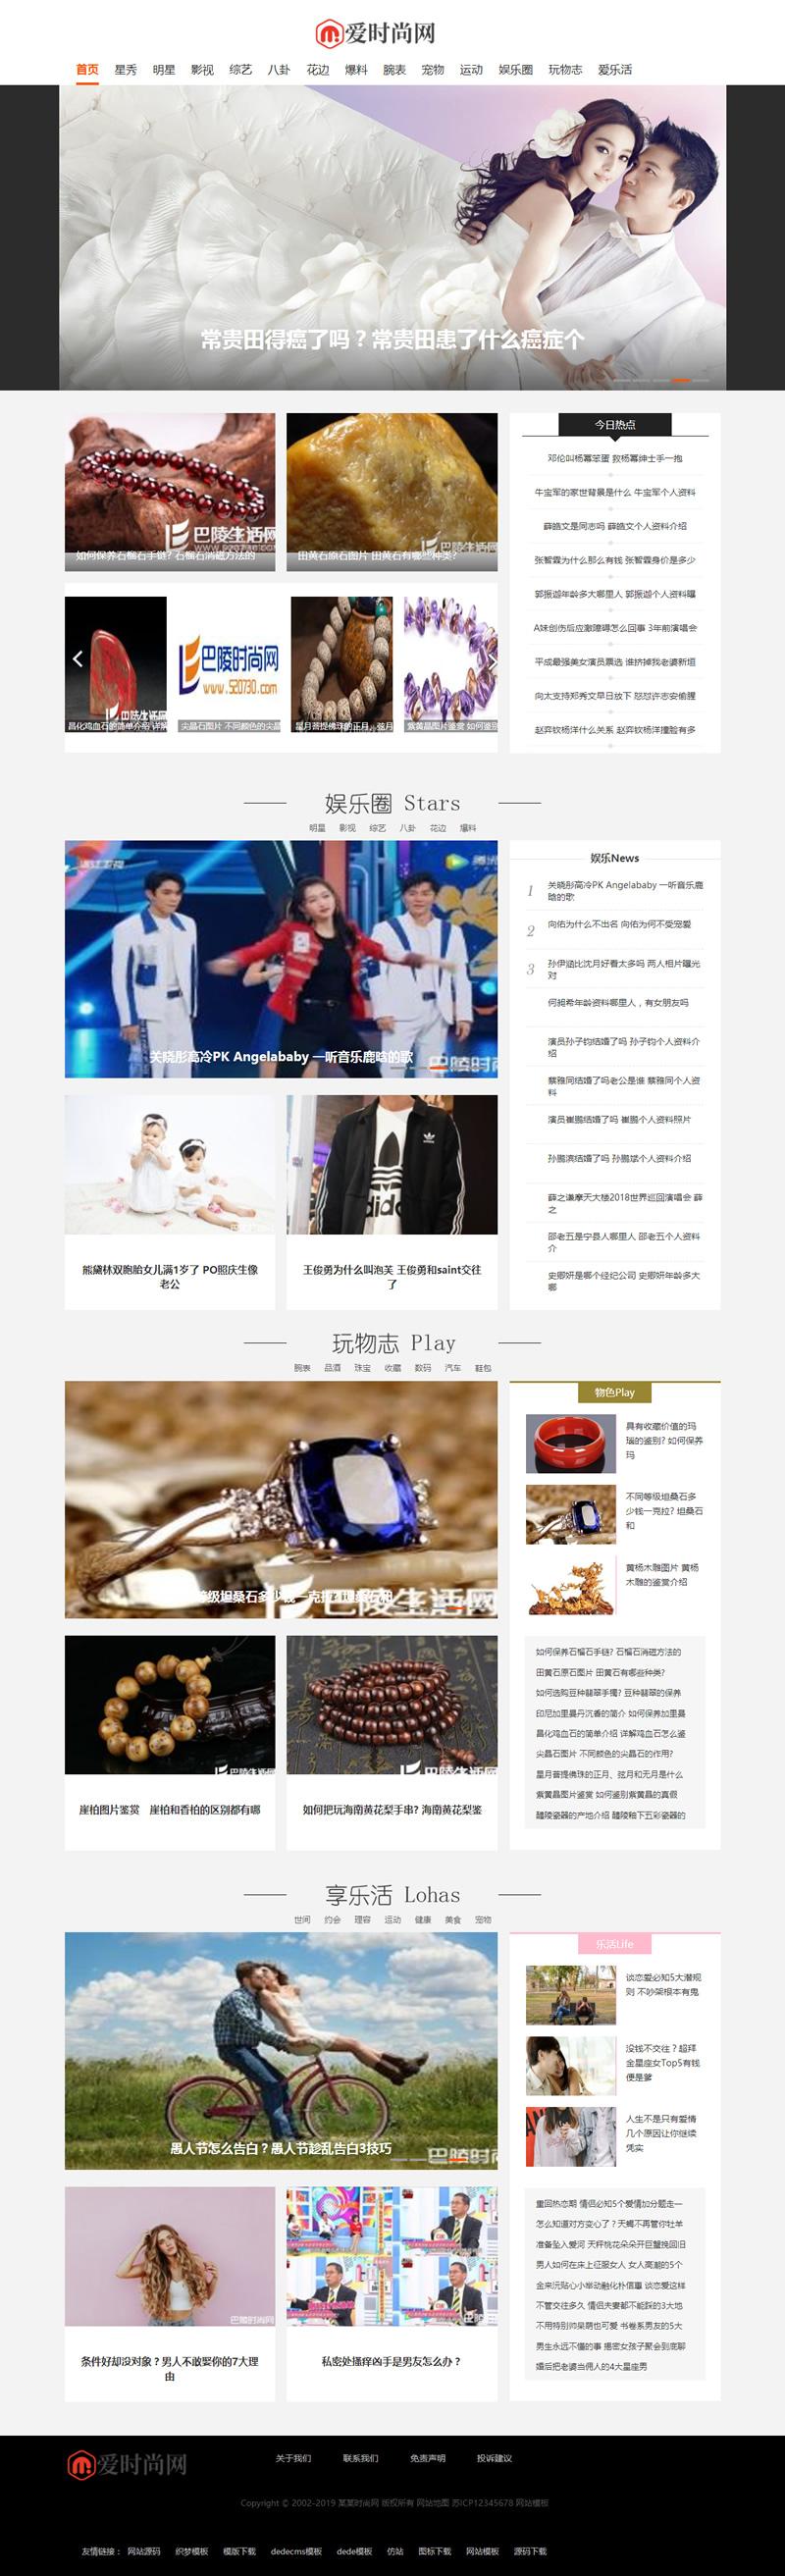 织梦dedecms娱乐时尚新闻资讯类网站源码 带手机版数据同步 第1张